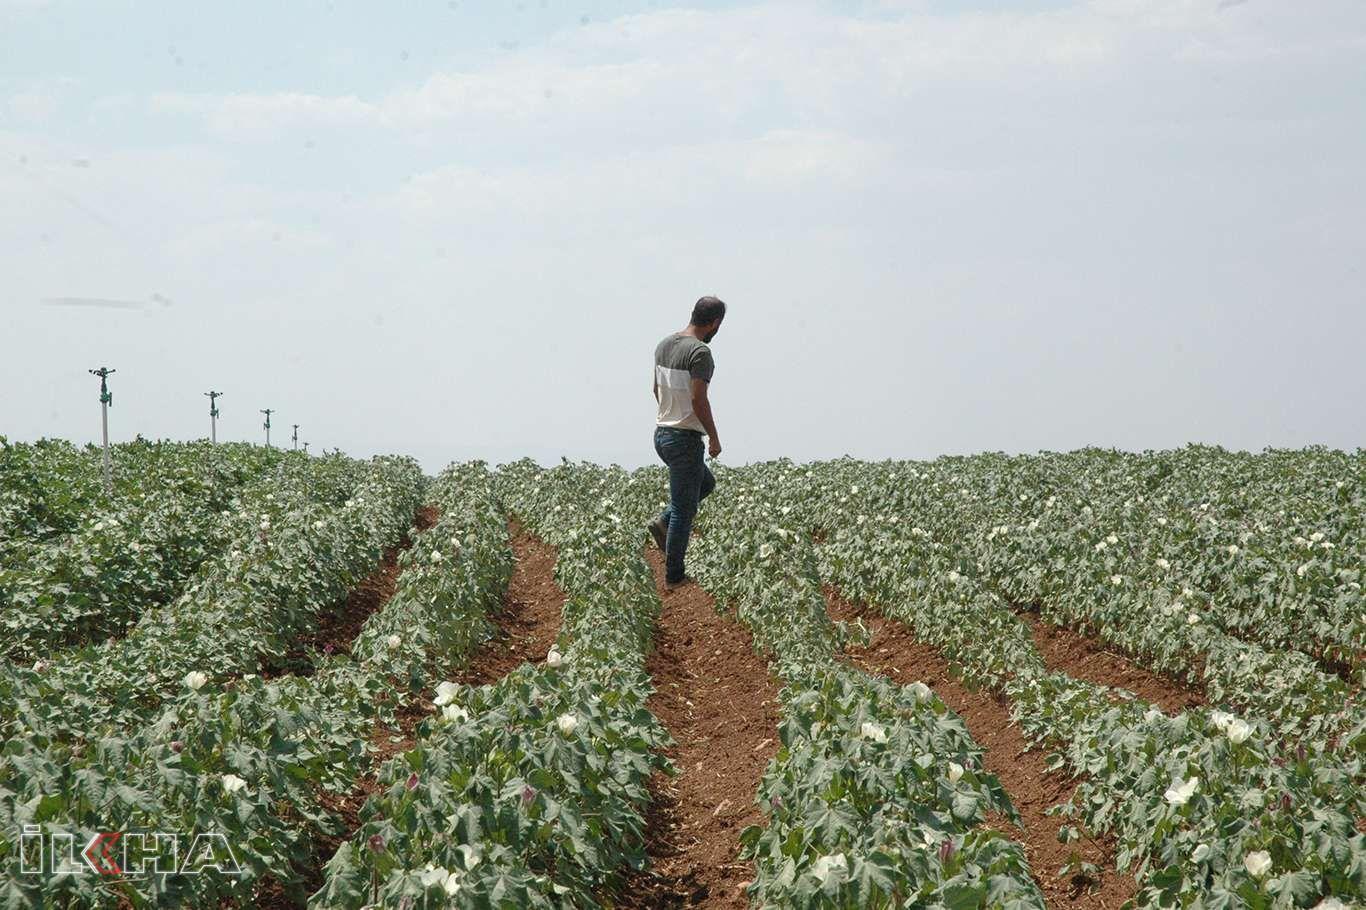 Pamuk tarlaları elektrik kesintileri nedeniyle kuruma riskiyle karşı karşıya